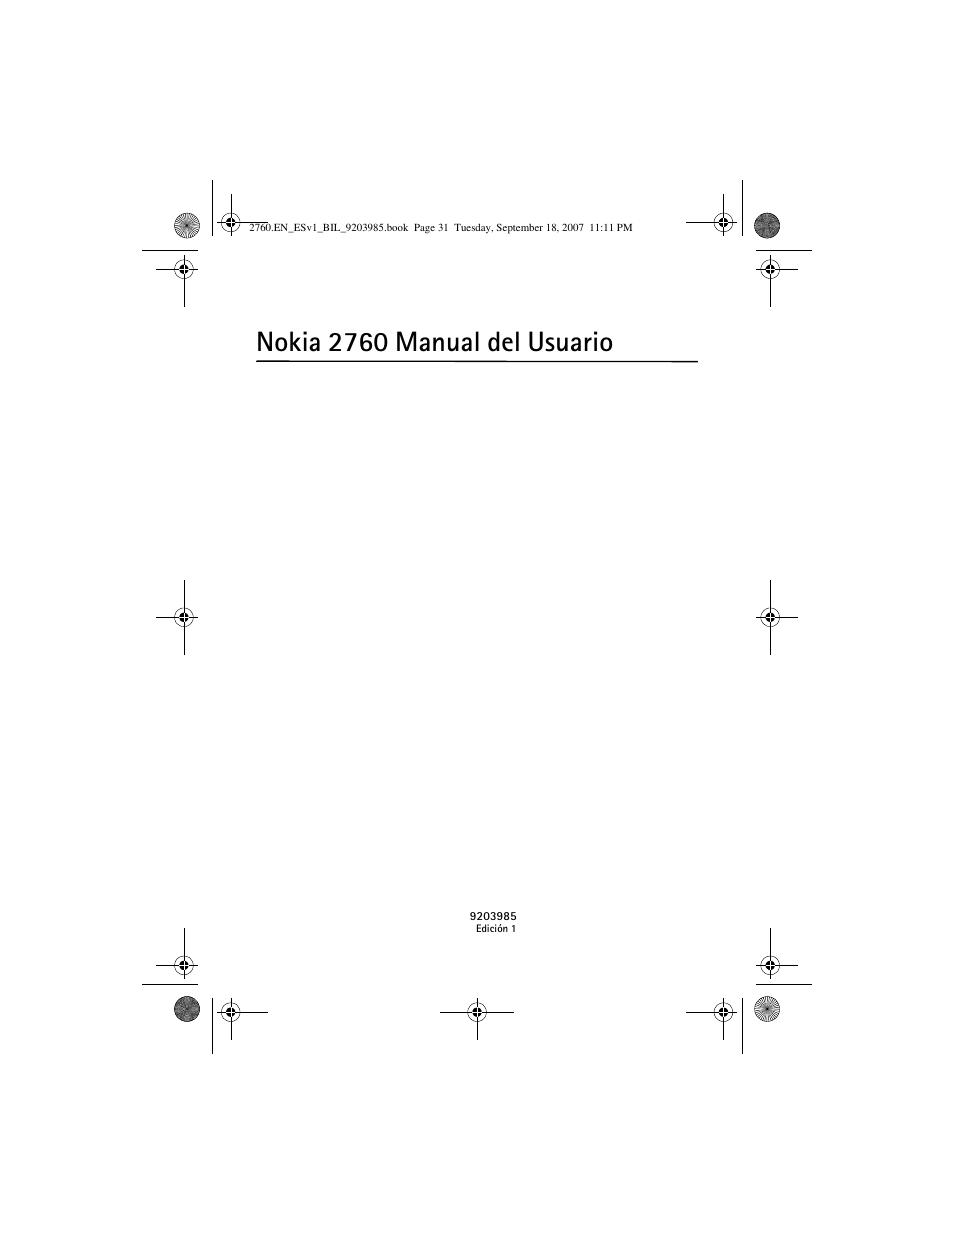 nokia 2760 manual del usuario nokia 2760 user manual page 32 rh manualsdir com Nokia 3310 Nokia 3310